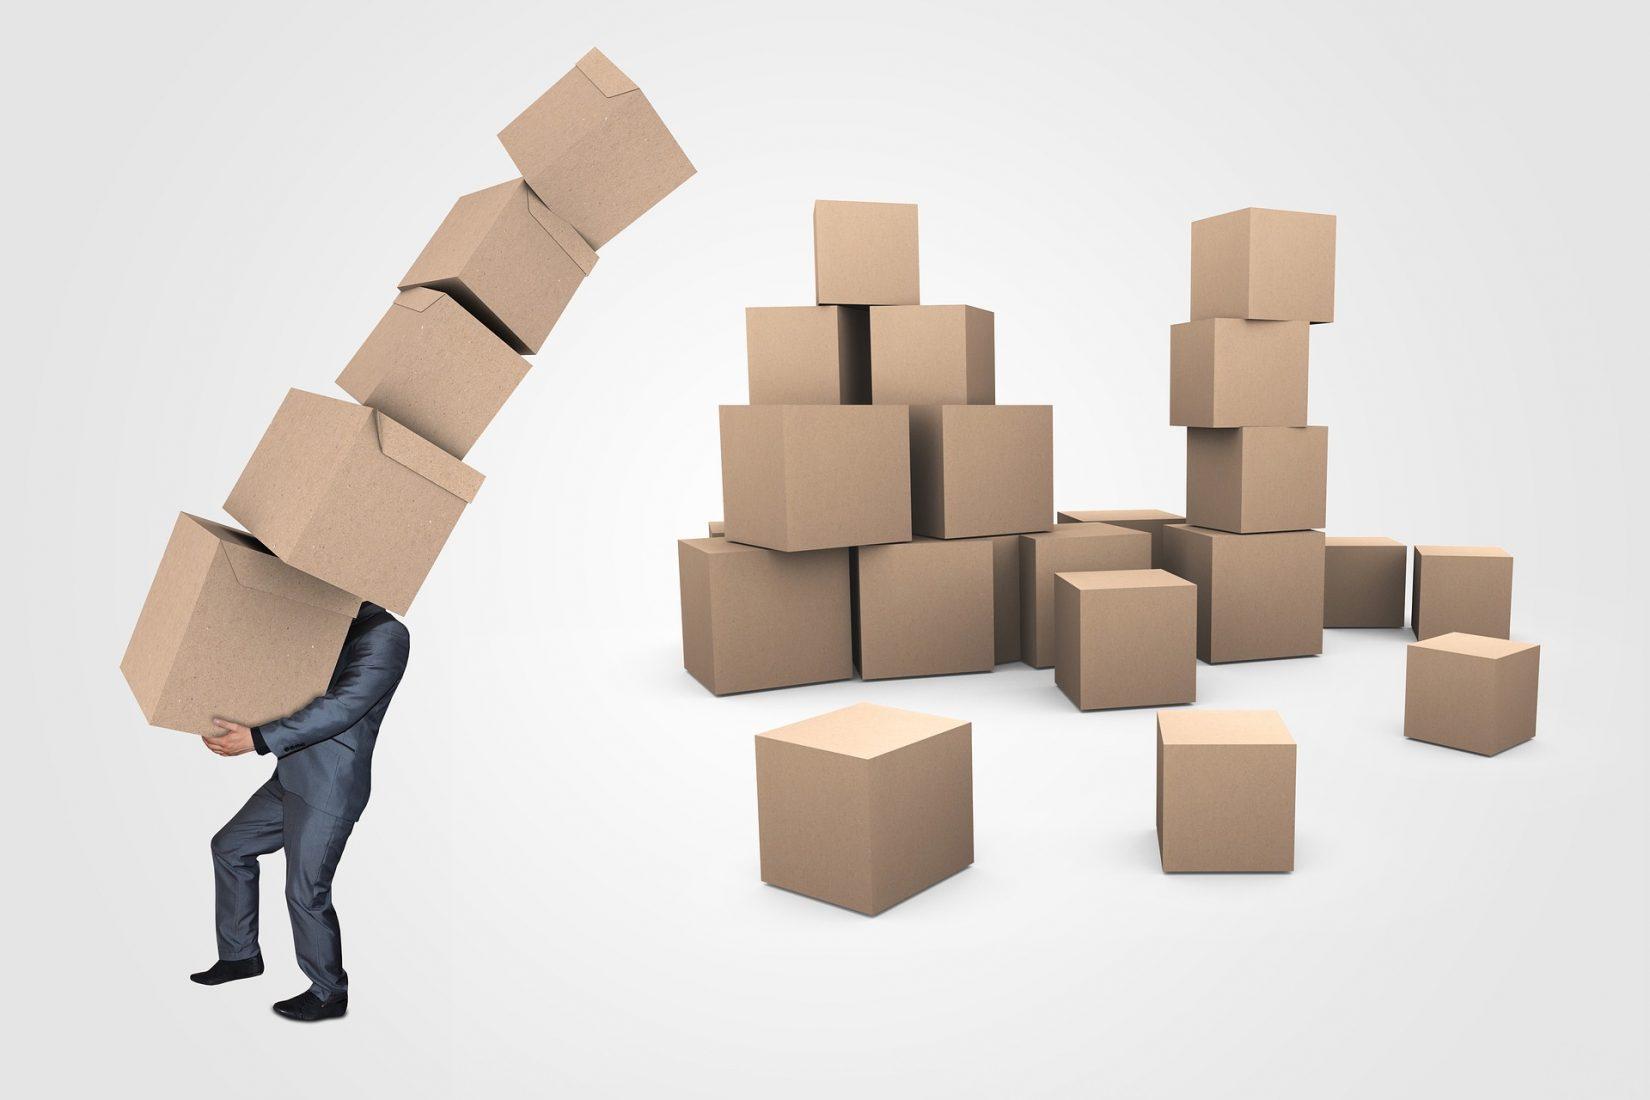 Viel Arbeit, wenig Personal: Der Fachkräftemangel führt auch zur Mehrbelastung vorhandener Beschäftigter. Grafik: Pixabay